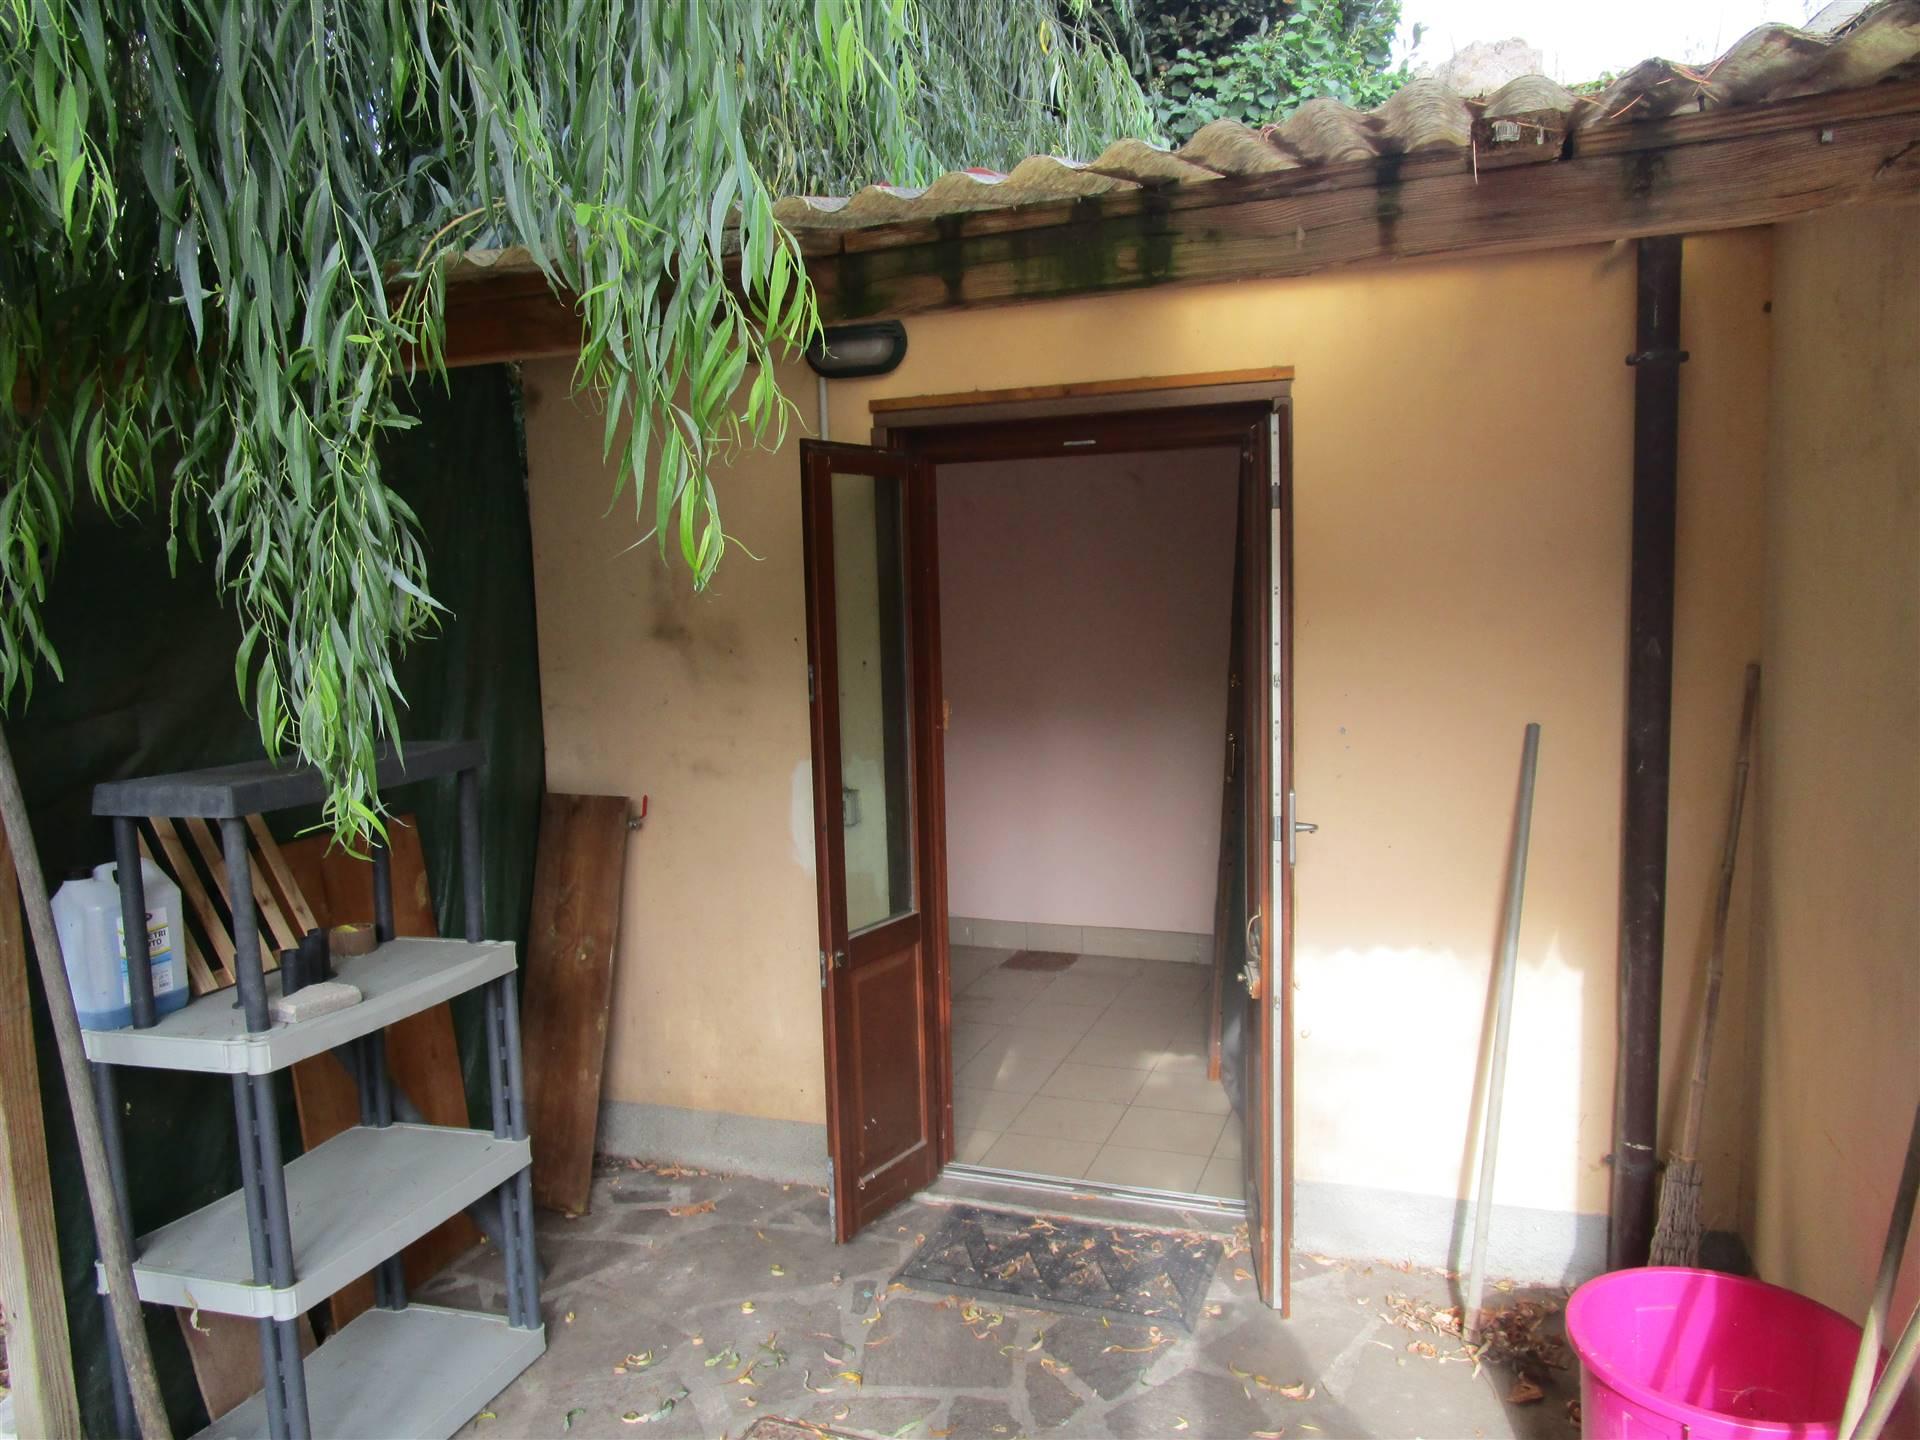 Appartamento indipendente in Vendita a Campi bisenzio zona San piero a ponti - immagine 3